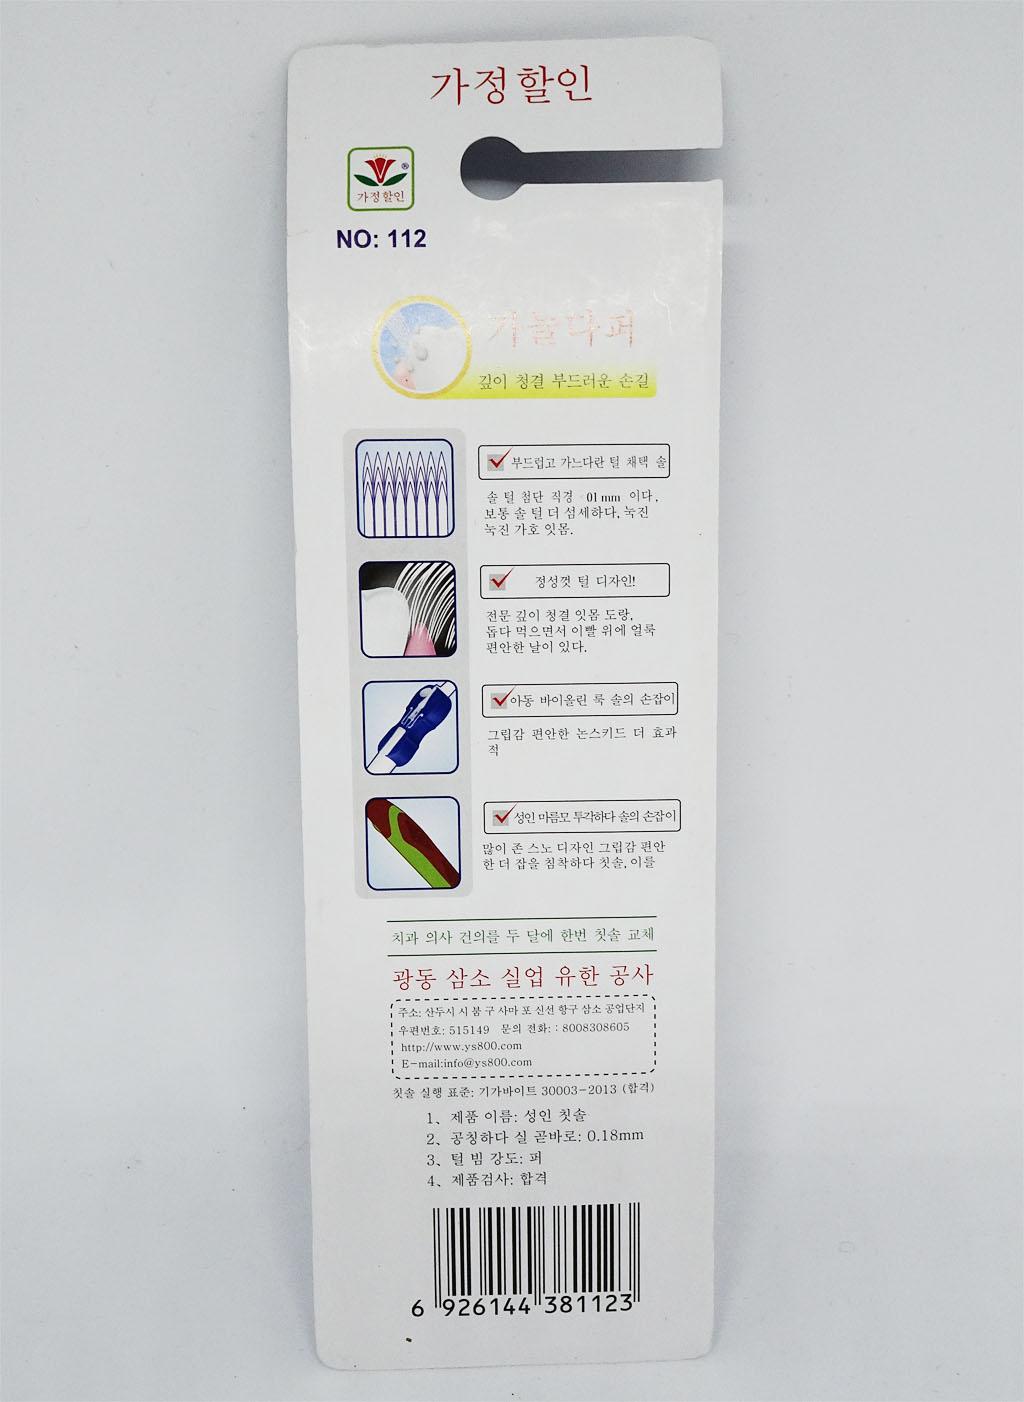 Bộ 3 bàn chải đành răng Gia đình bố, mẹ và con hàng Hàn Quốc